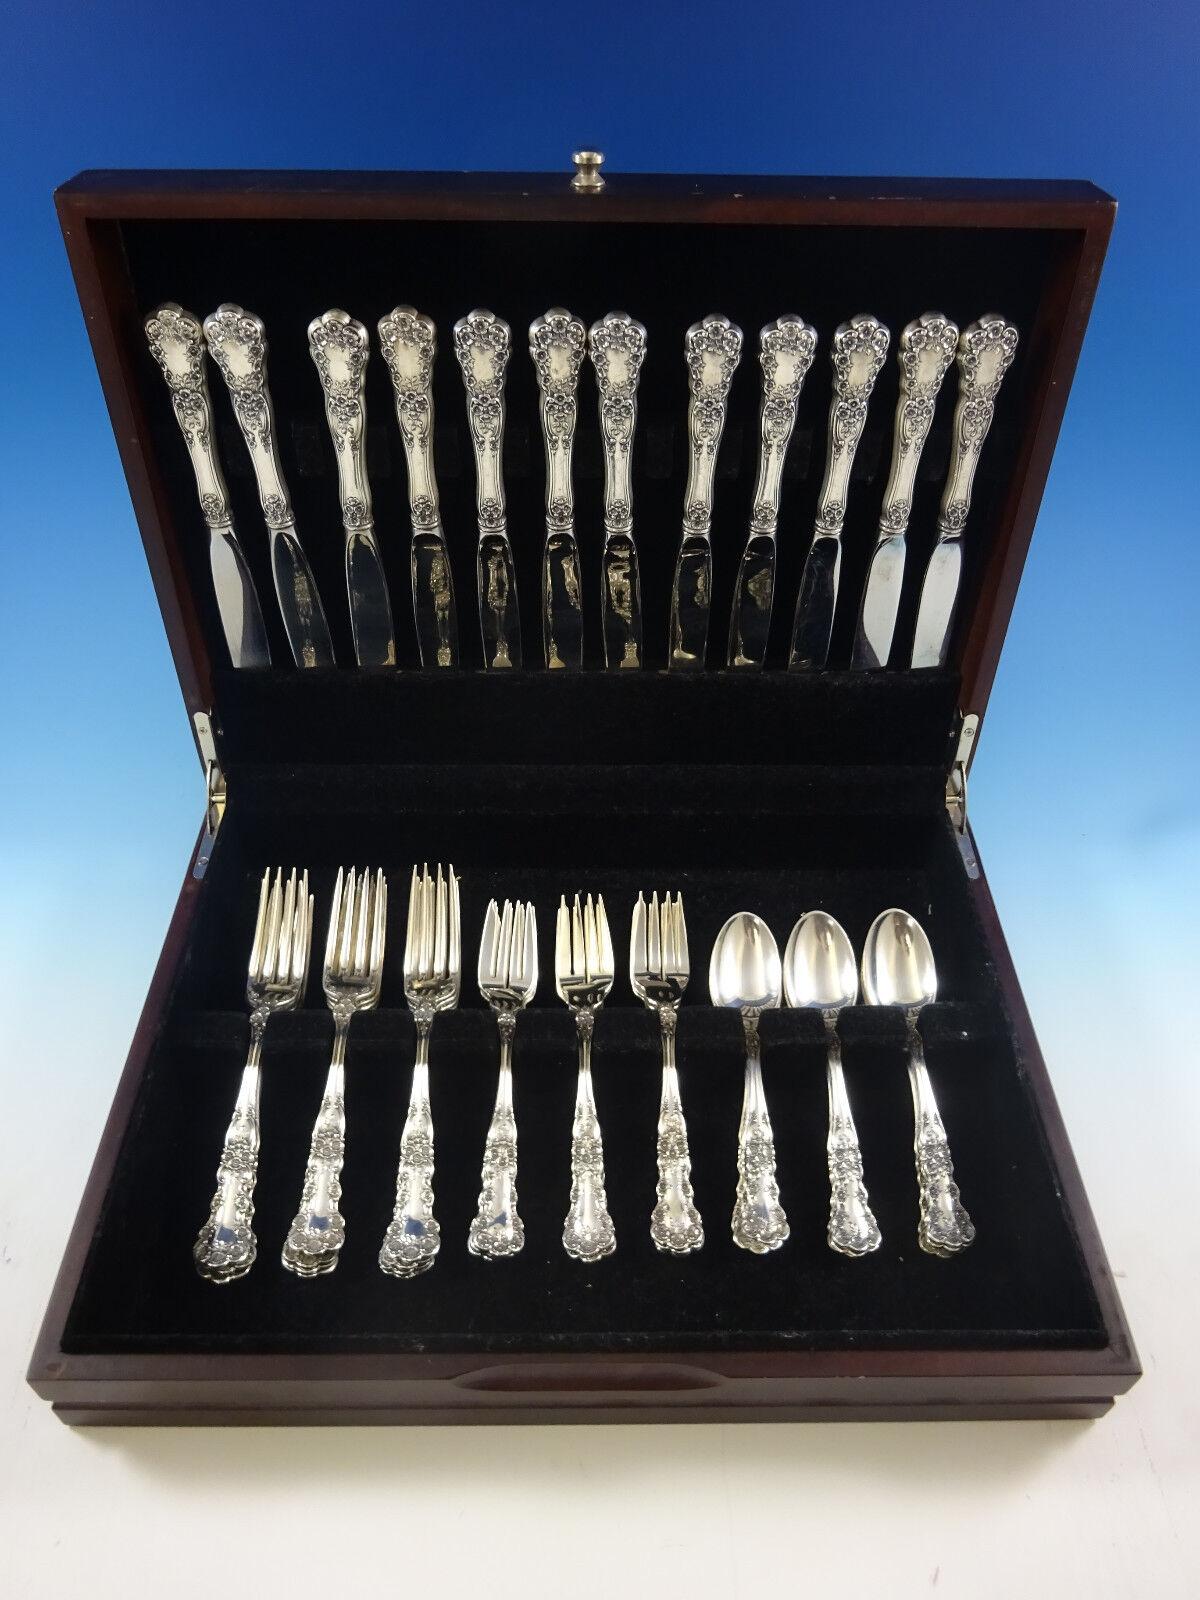 buttercup by gorham sterling silver flatware set for 12. Black Bedroom Furniture Sets. Home Design Ideas